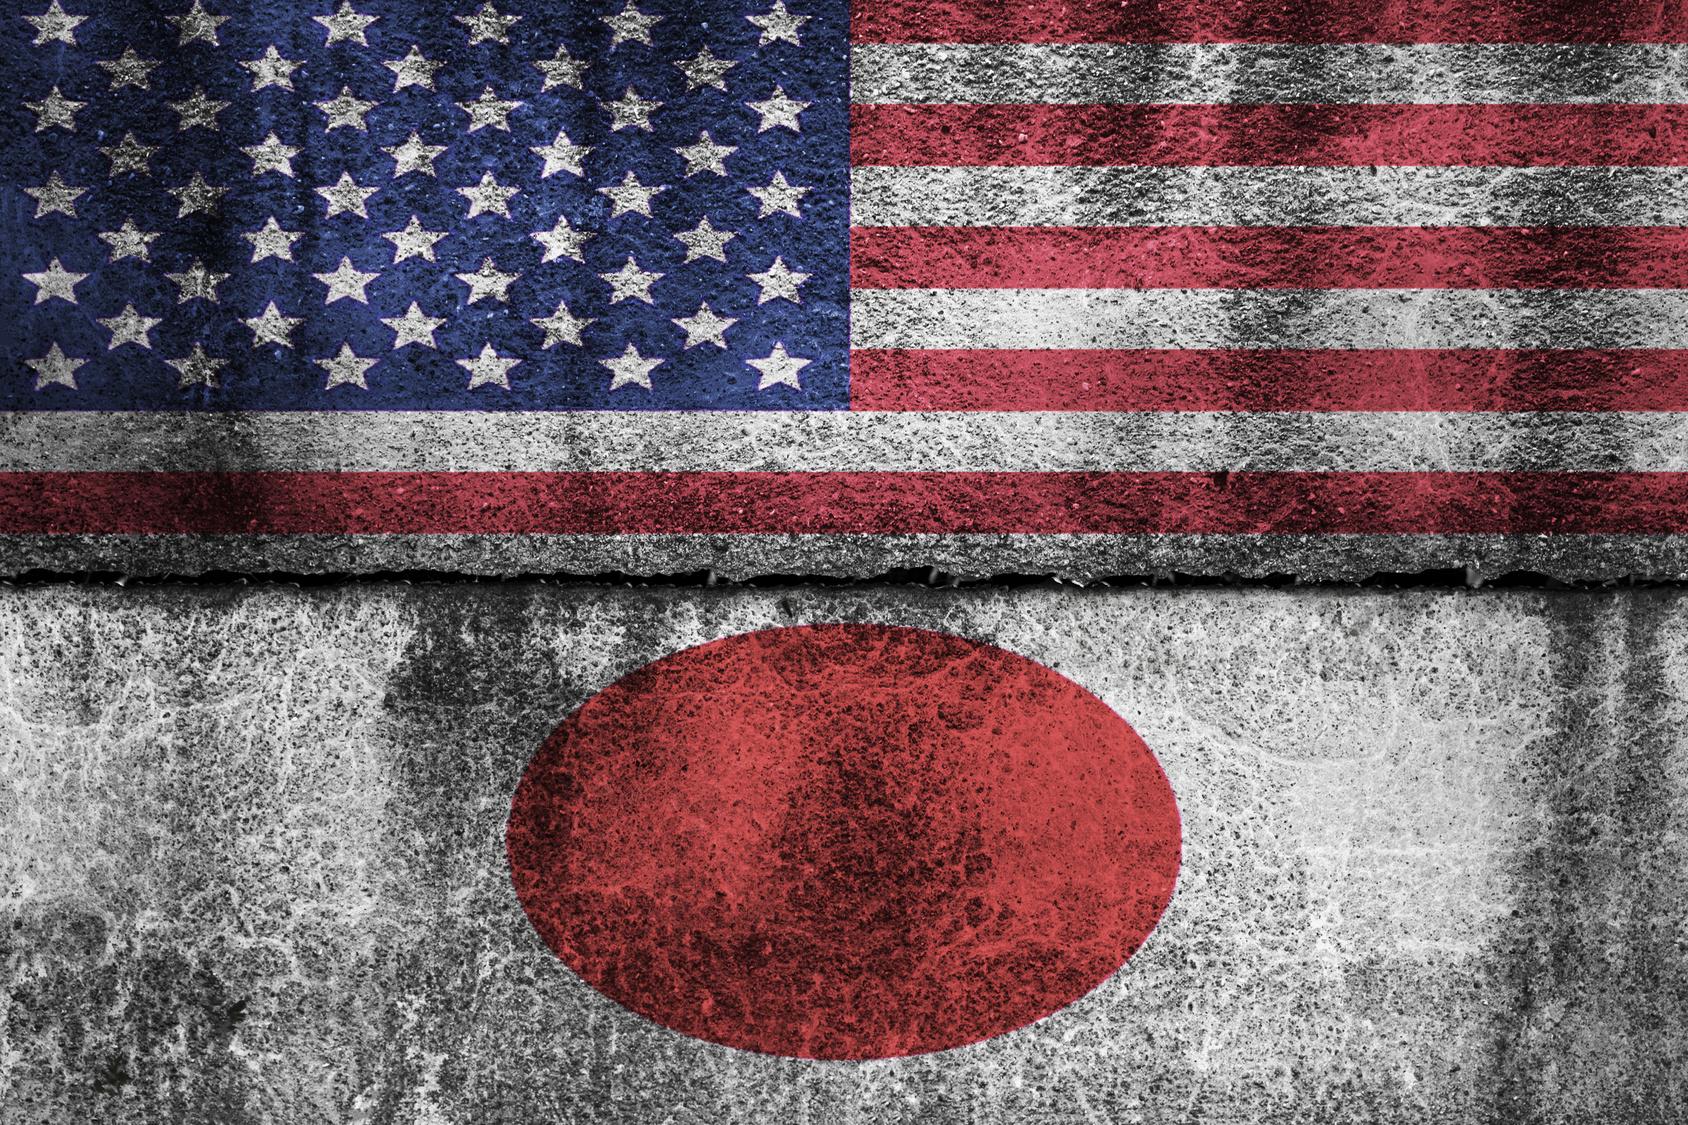 日本はアメリカとも対立